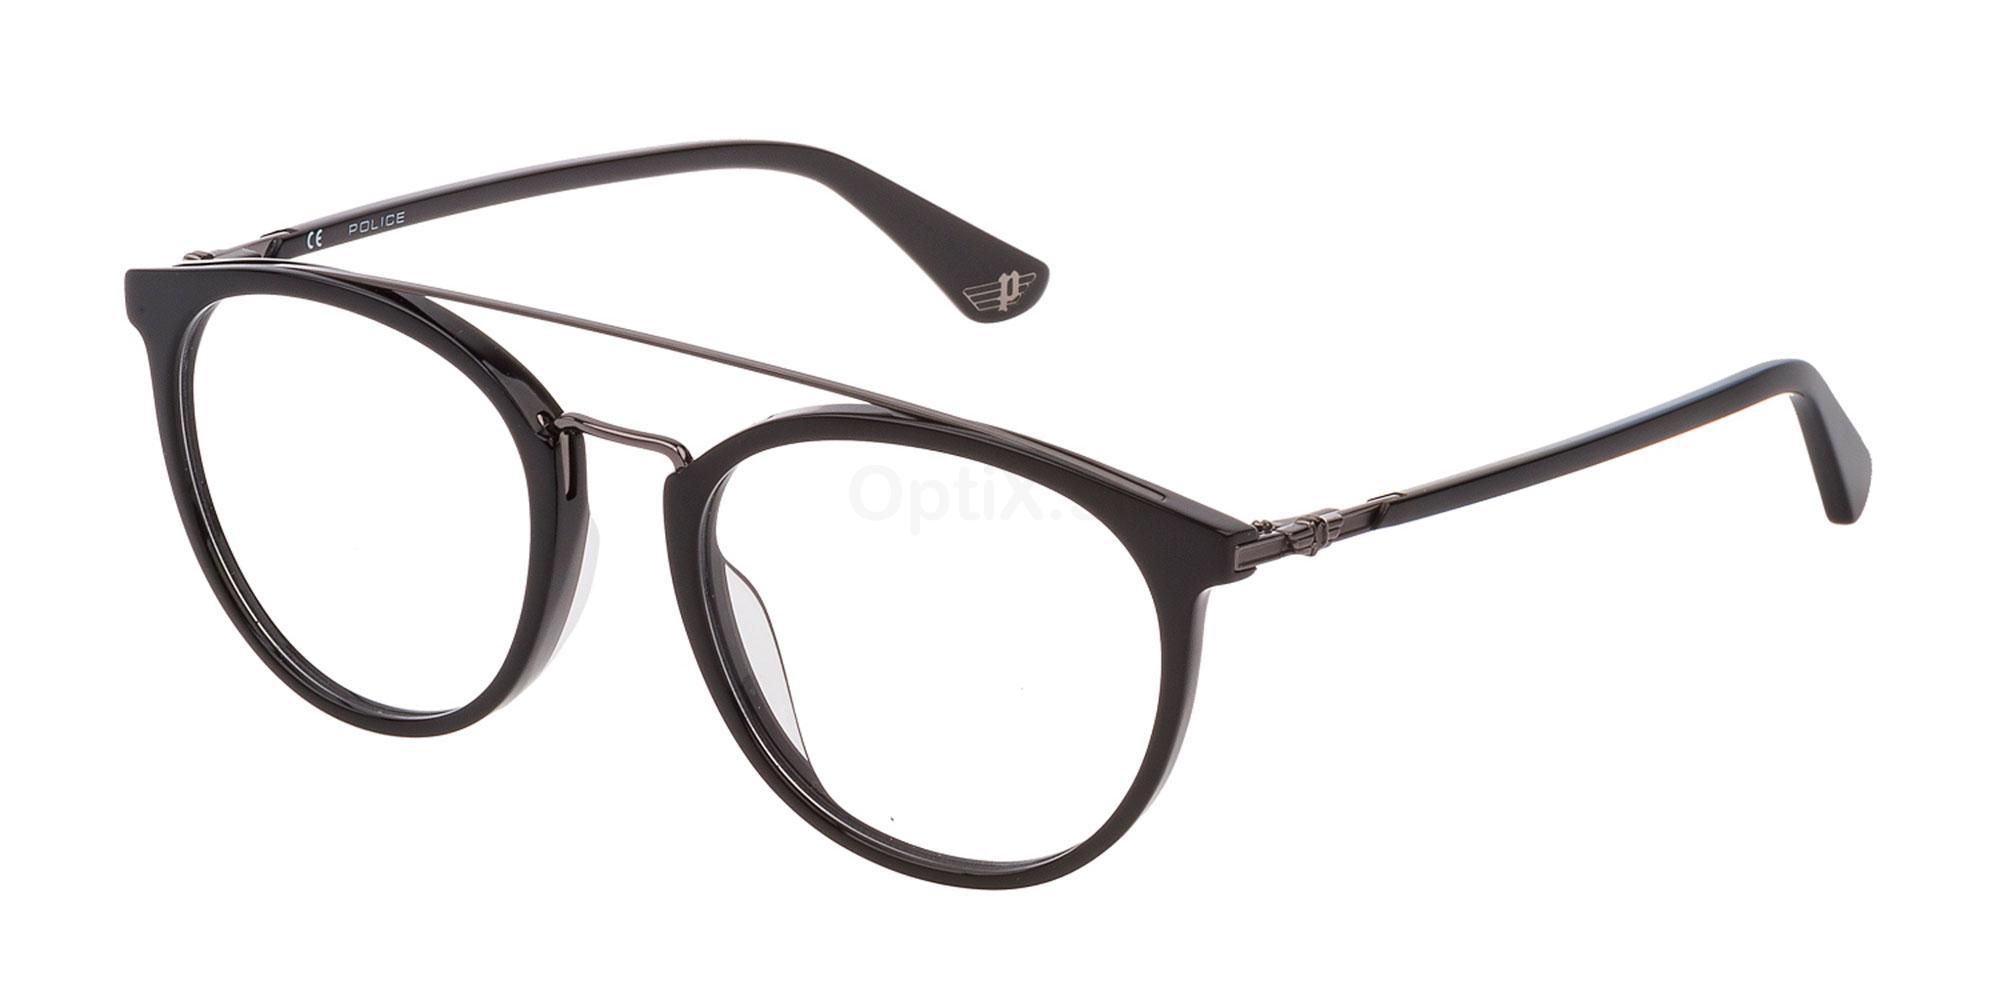 0700 VPL881 Glasses, Police